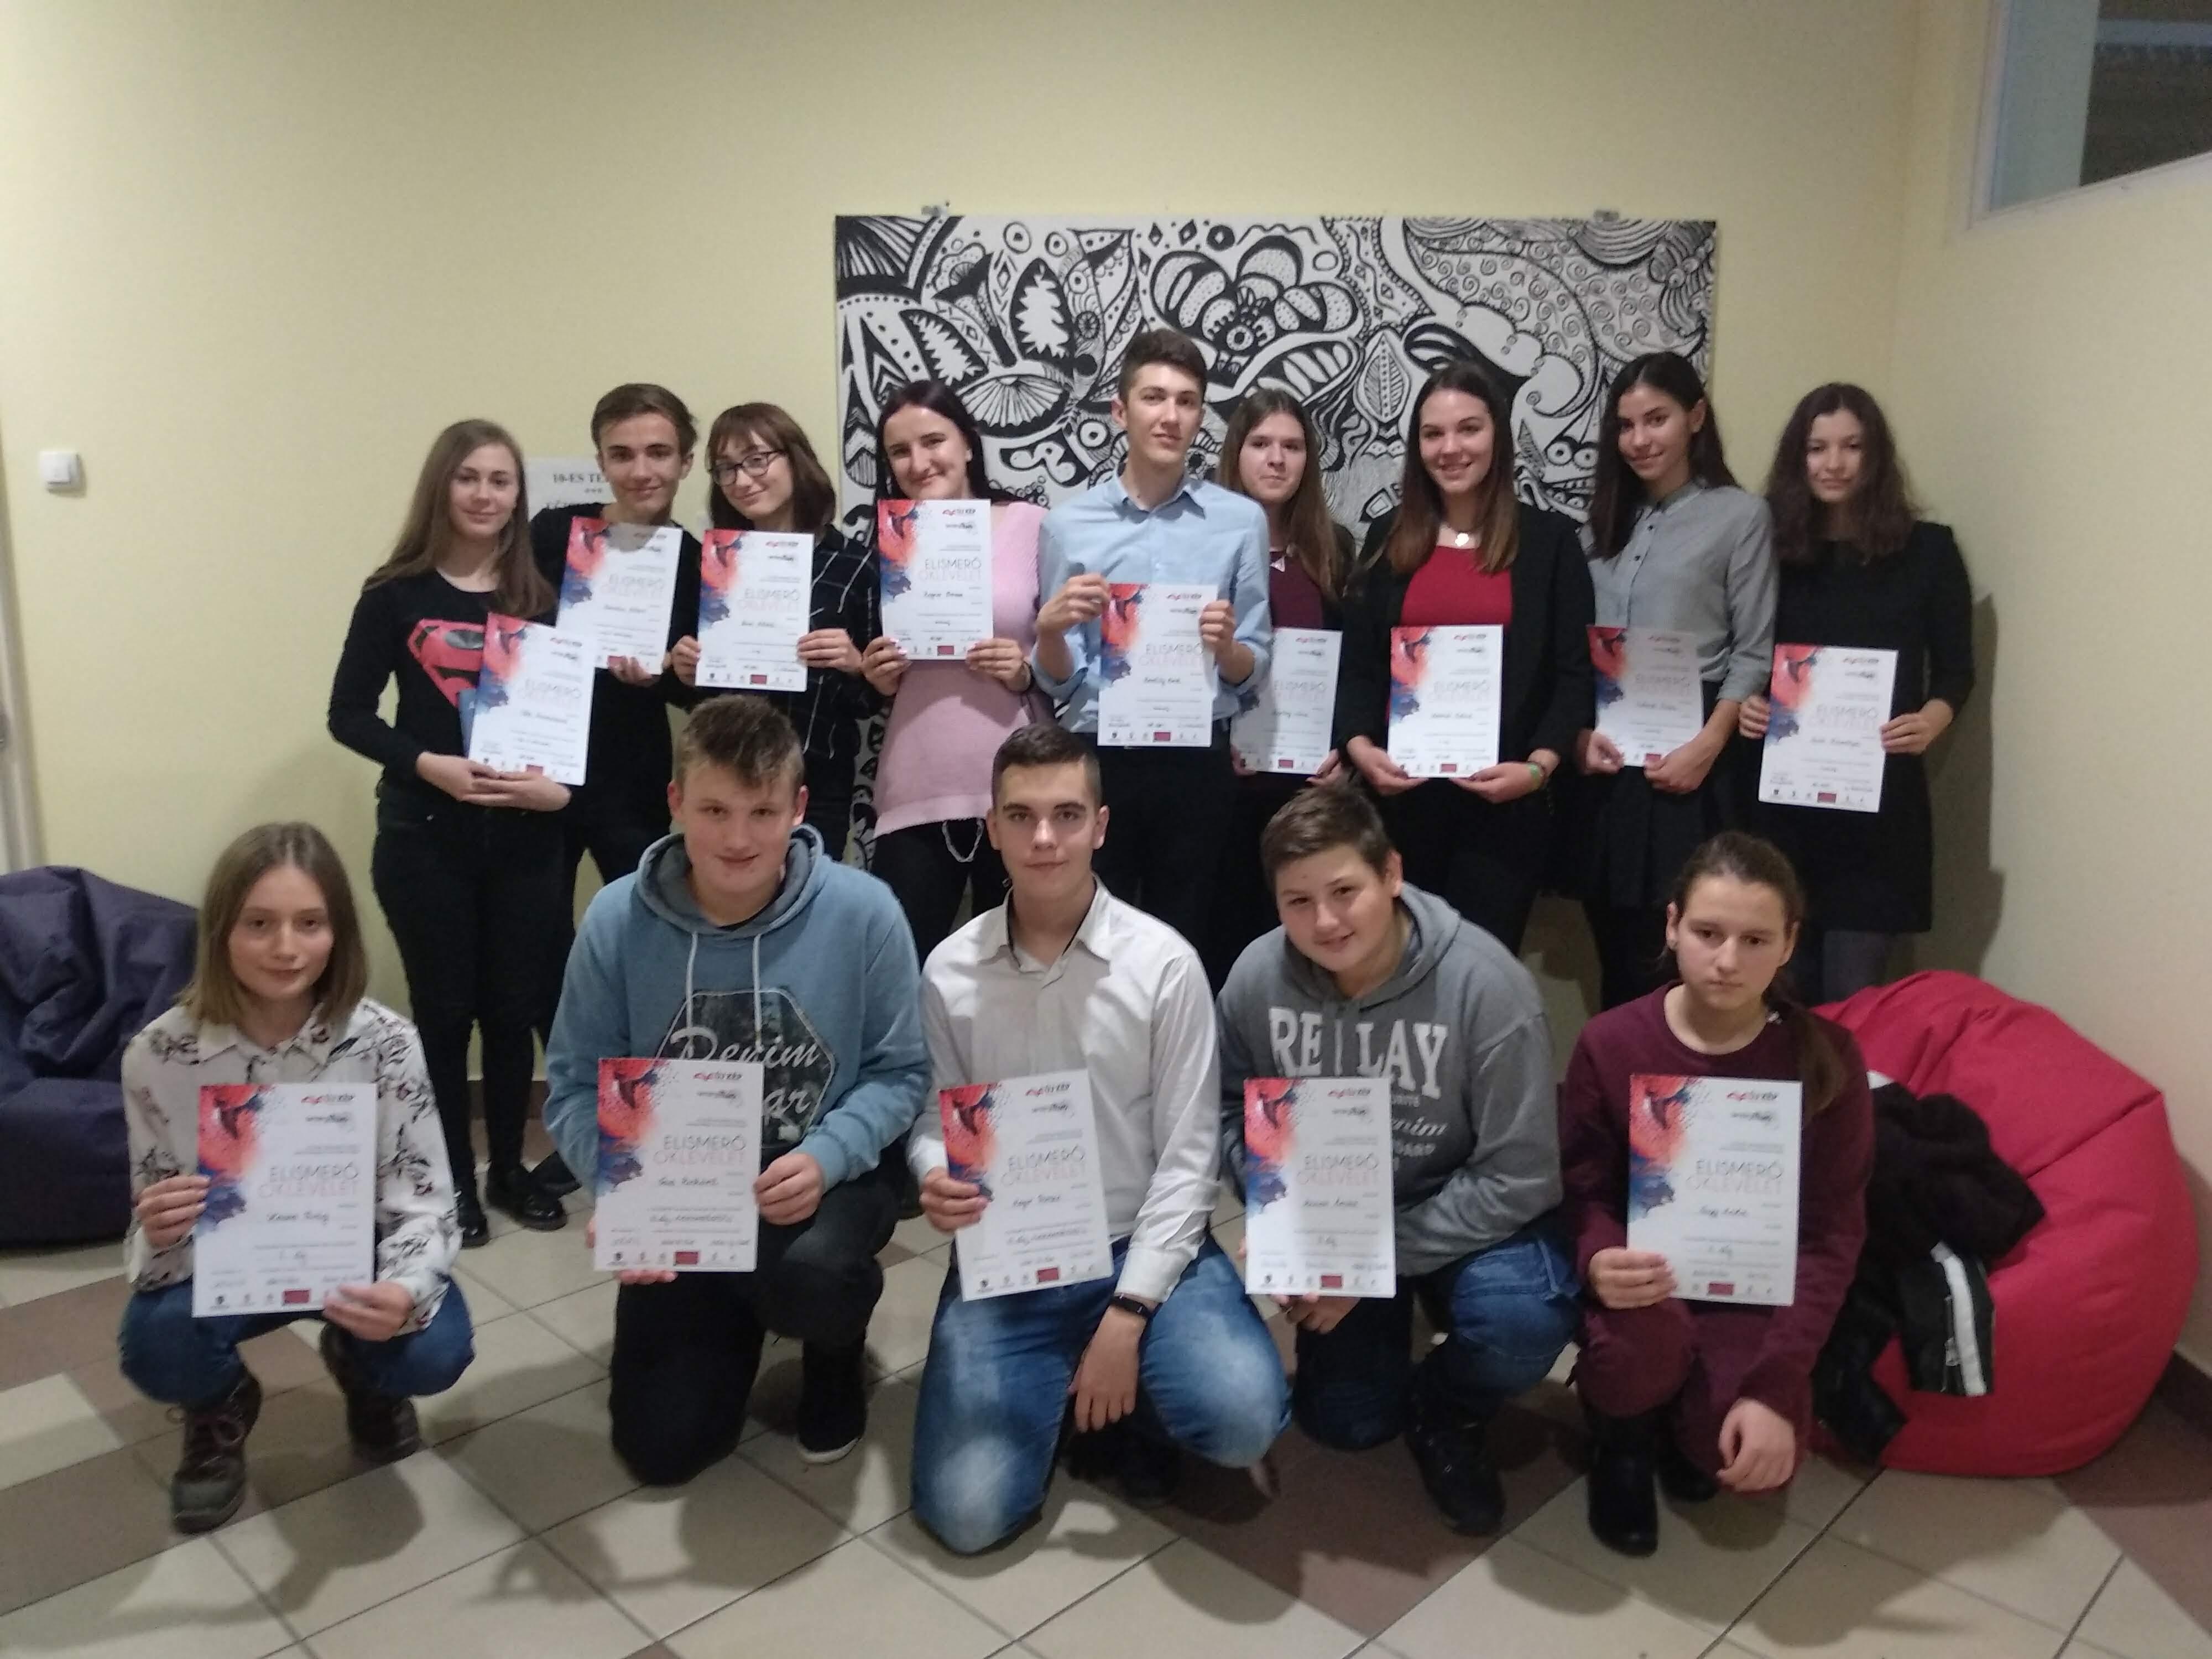 Megtartottuk a Tantárgyháló 2018/2019 verseny döntőjét